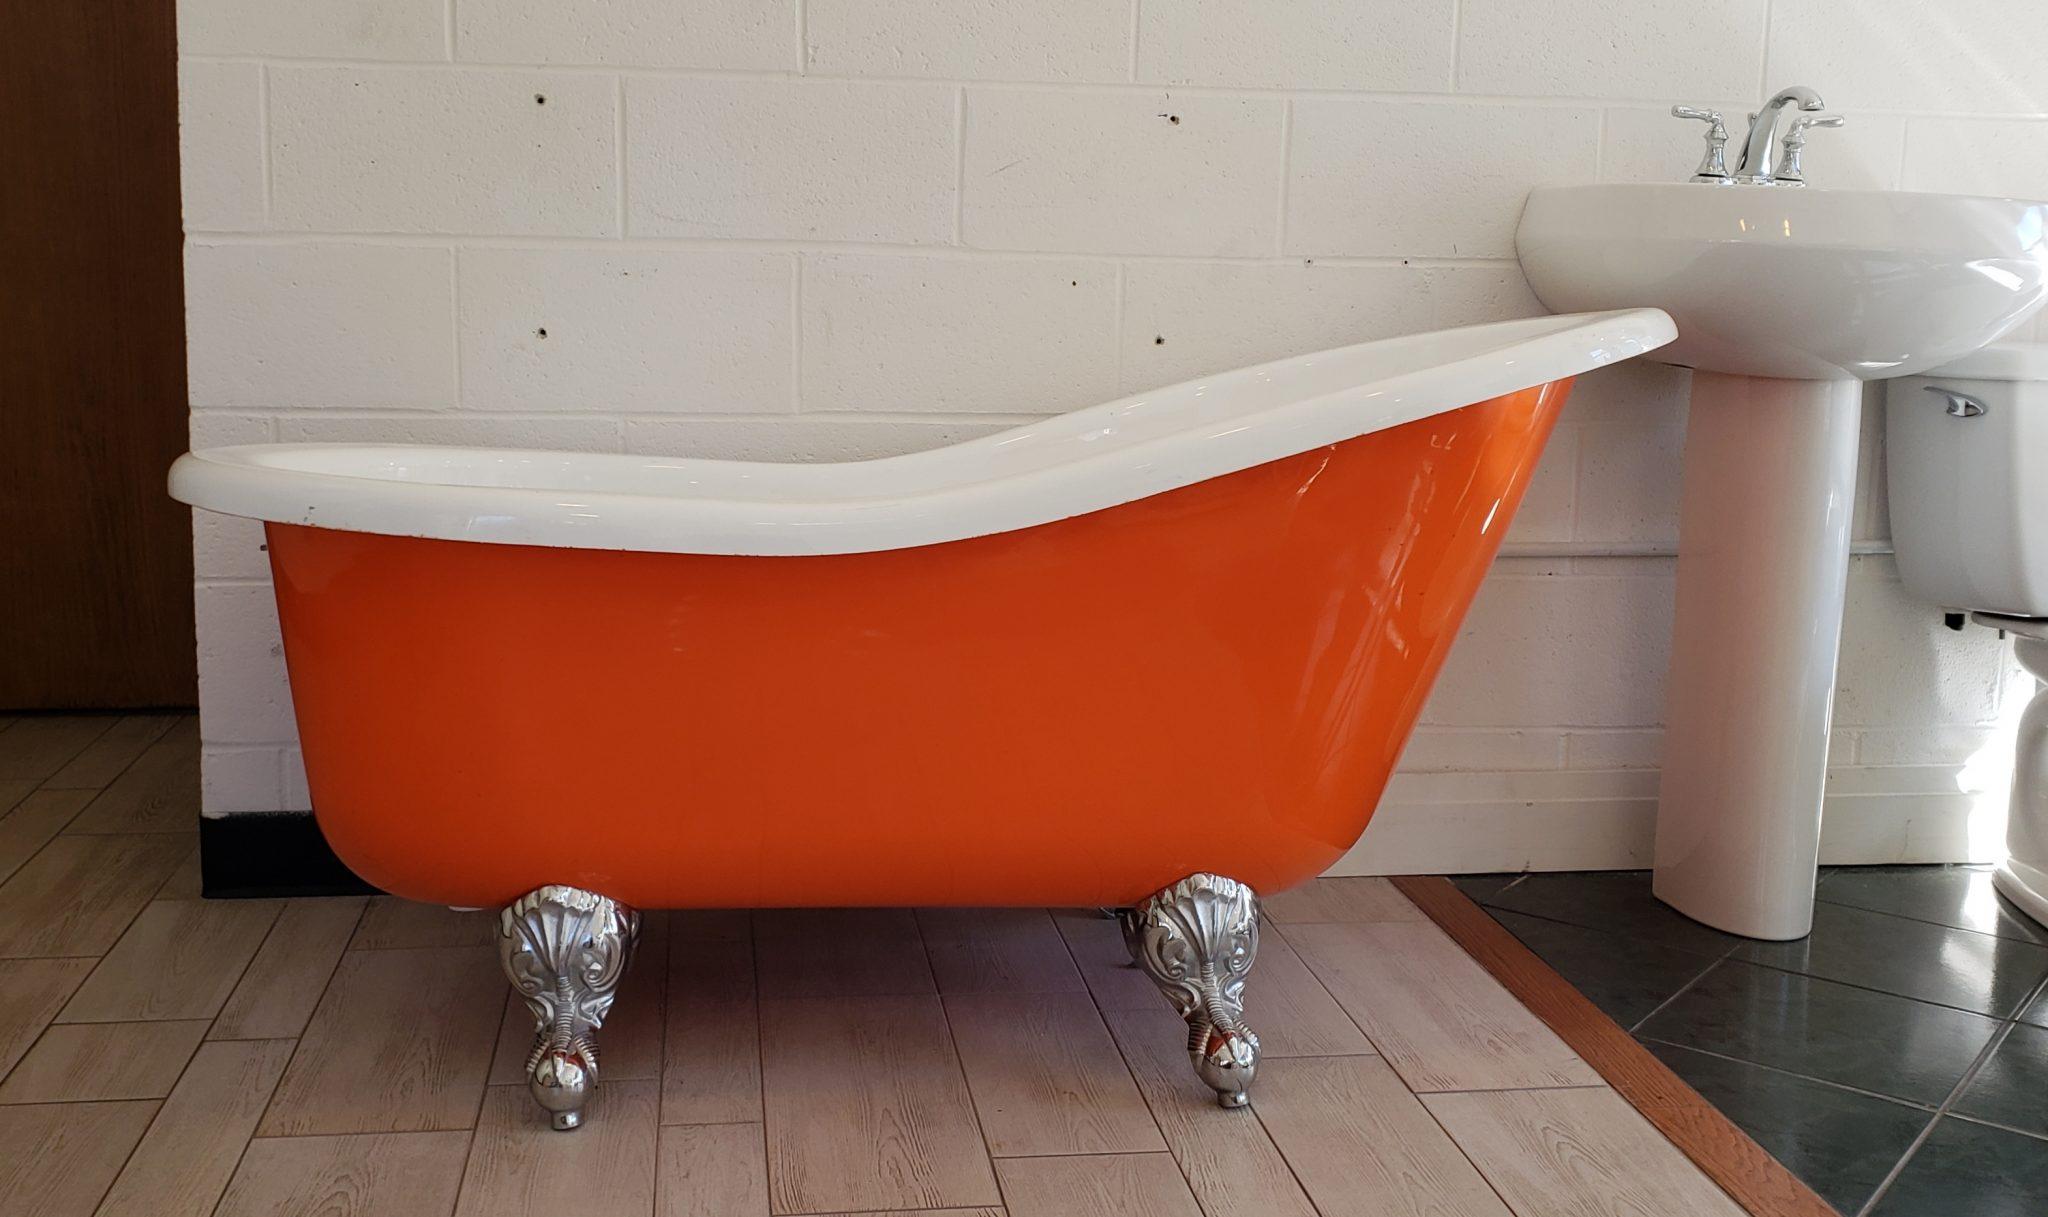 An orange clawfoot tub.